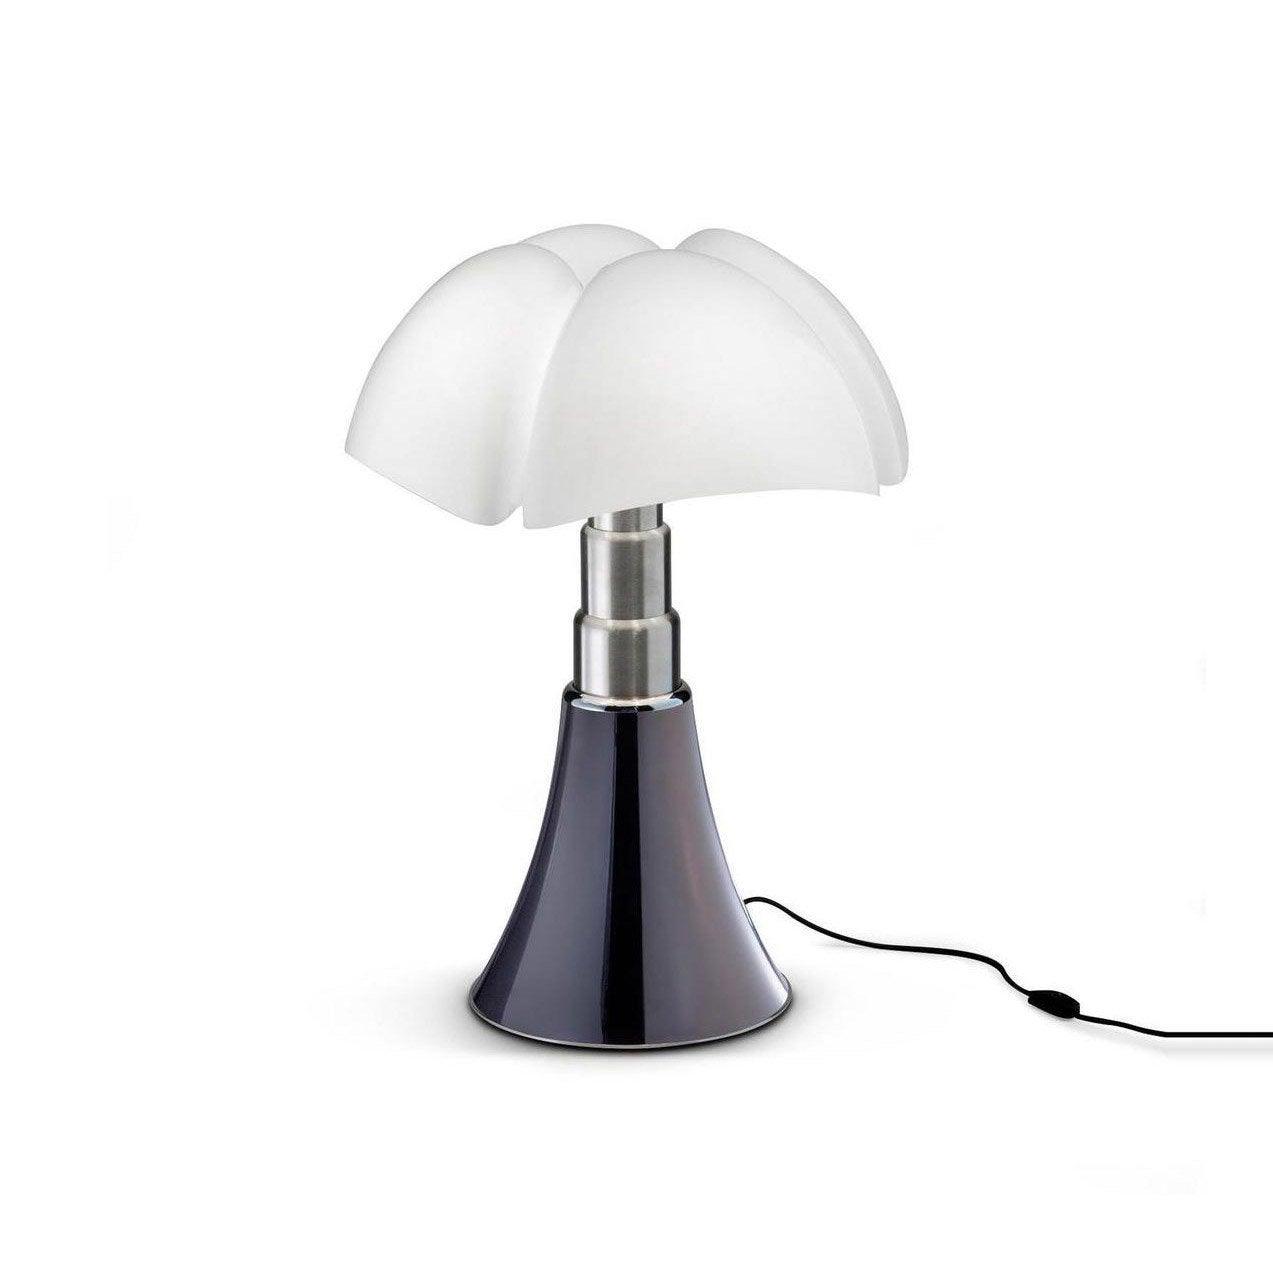 Lampe design Mini Pipistrello gris, ampoule LED integrée, H.35cm